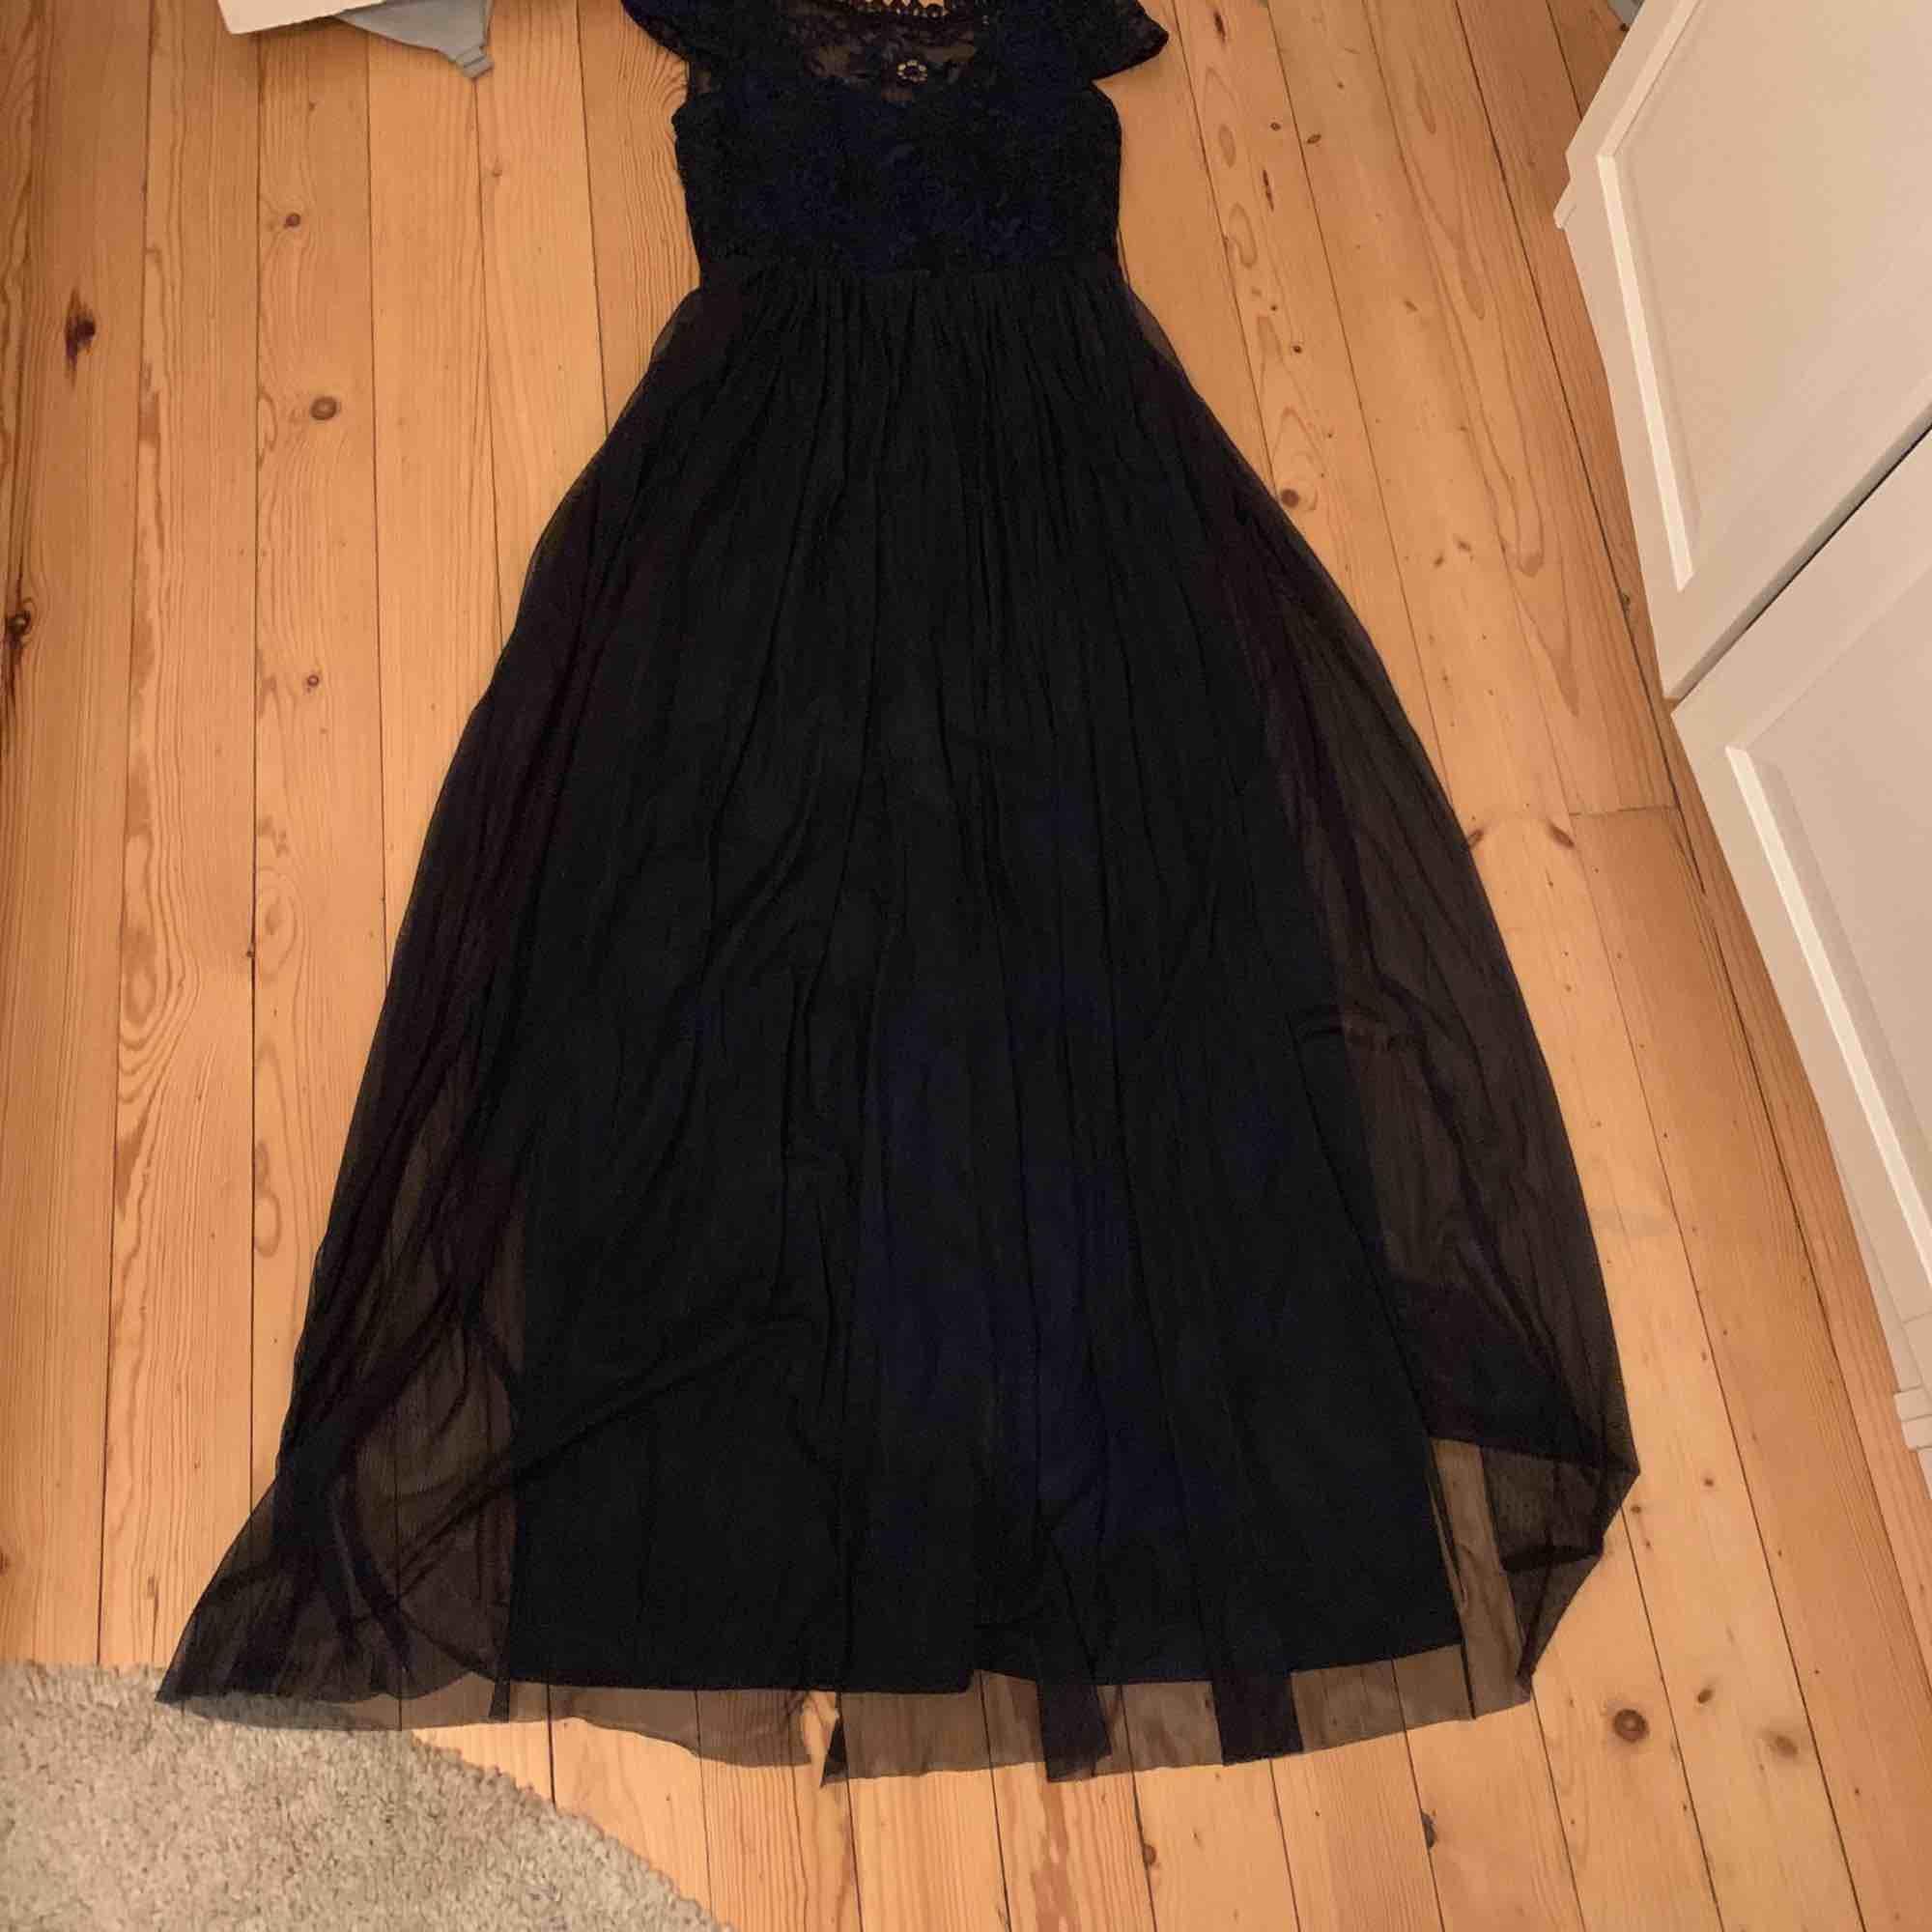 Supersnygg mörkblå balklänning tyll och spets. Öppen rygg med knappar och spets. Sparsamt använd och perfekt för bal!!!. Klänningar.